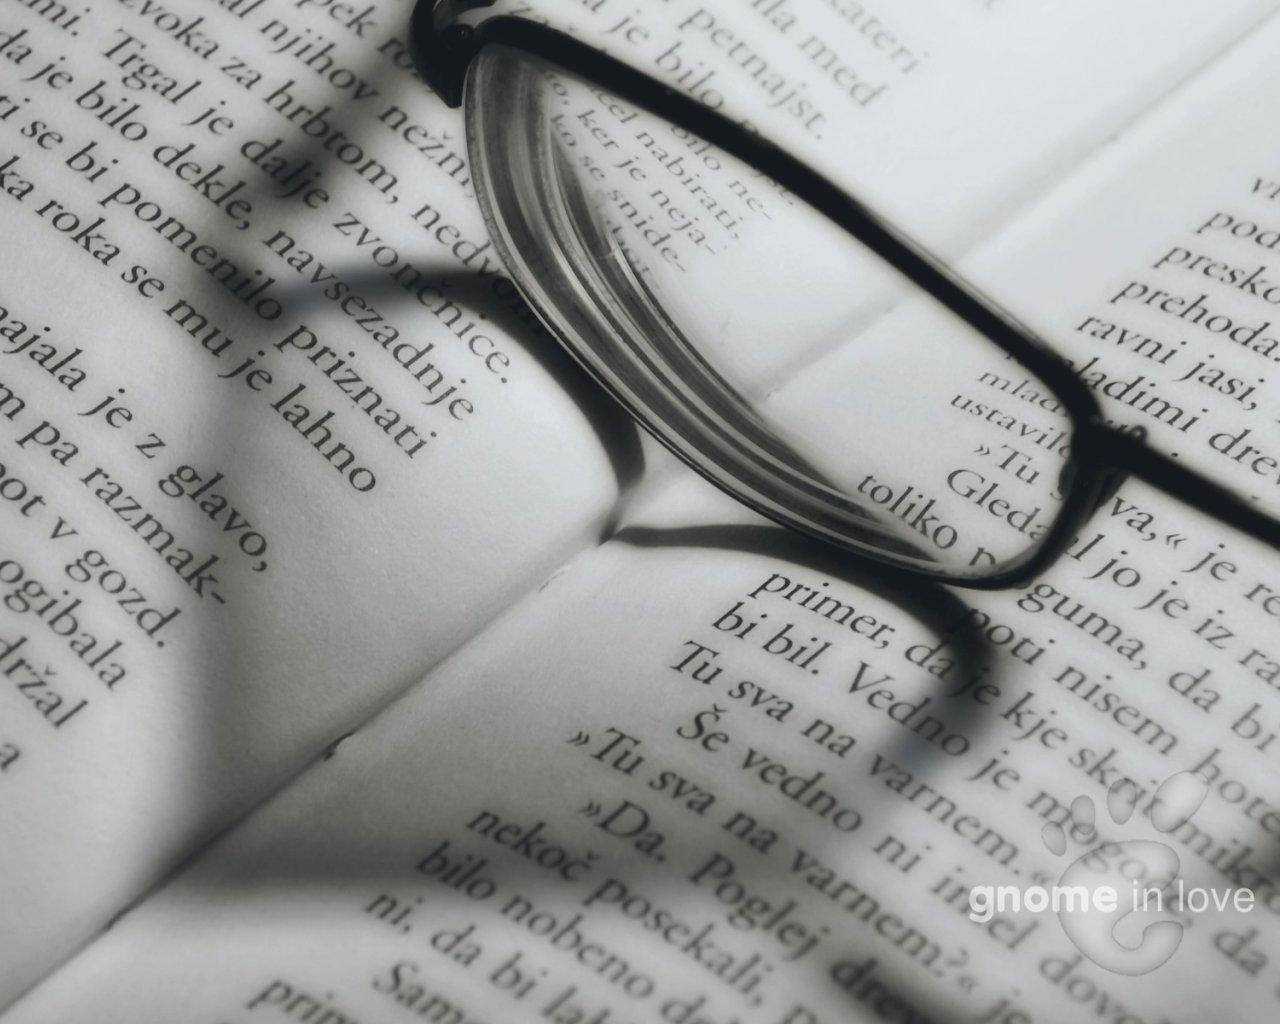 REDAKCJA,  prace dyplomowe, korekty tekstów, zdjęcia, grafiki, fotomontaże i inne...